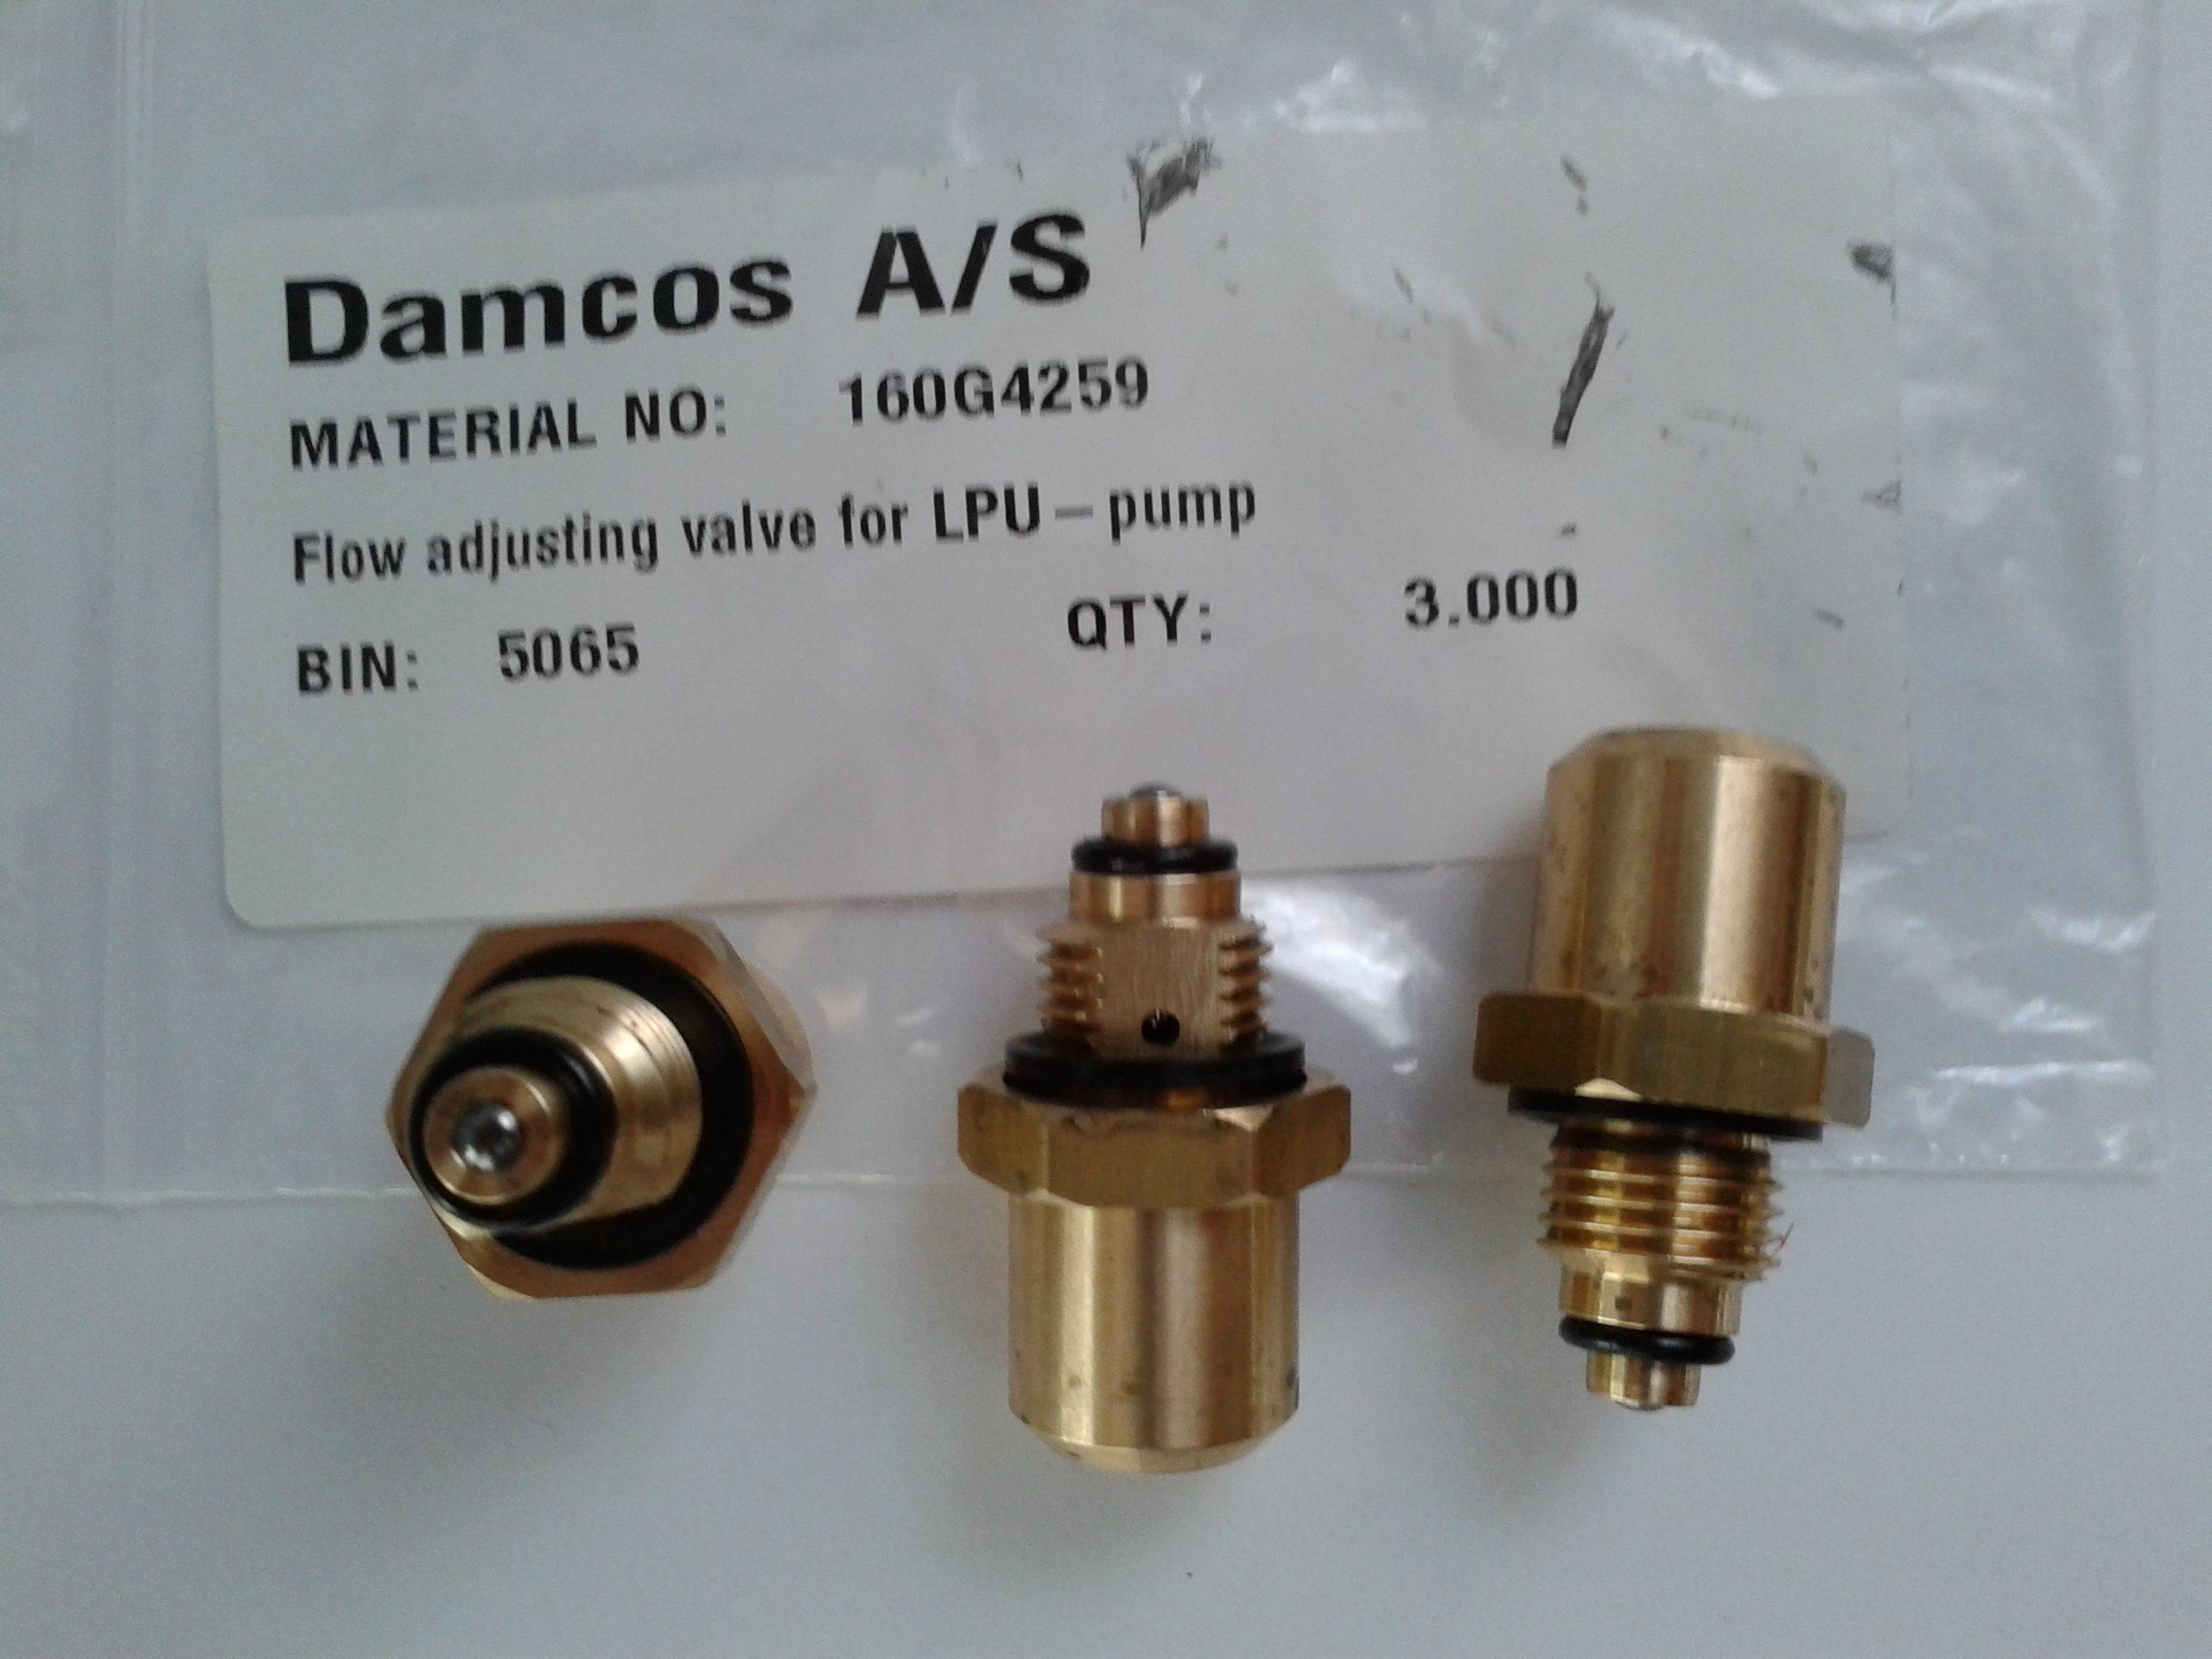 Damcos-160G4259-Flow-Adjusting-Valve-for-LPU-Pump